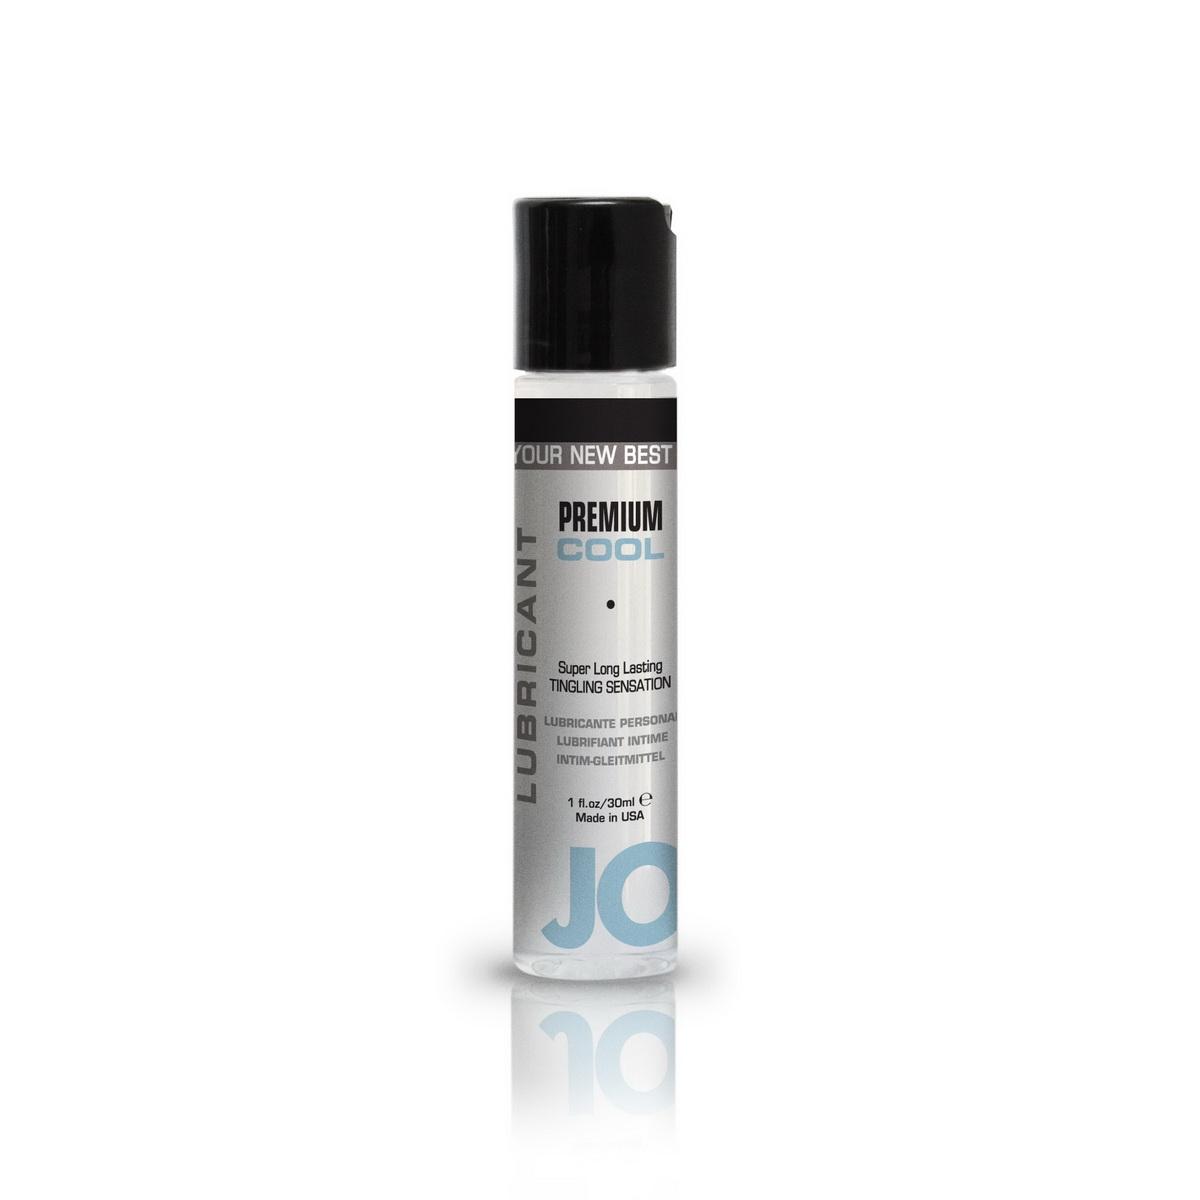 Silikonový chladivý lubrikant JO (30 ml)